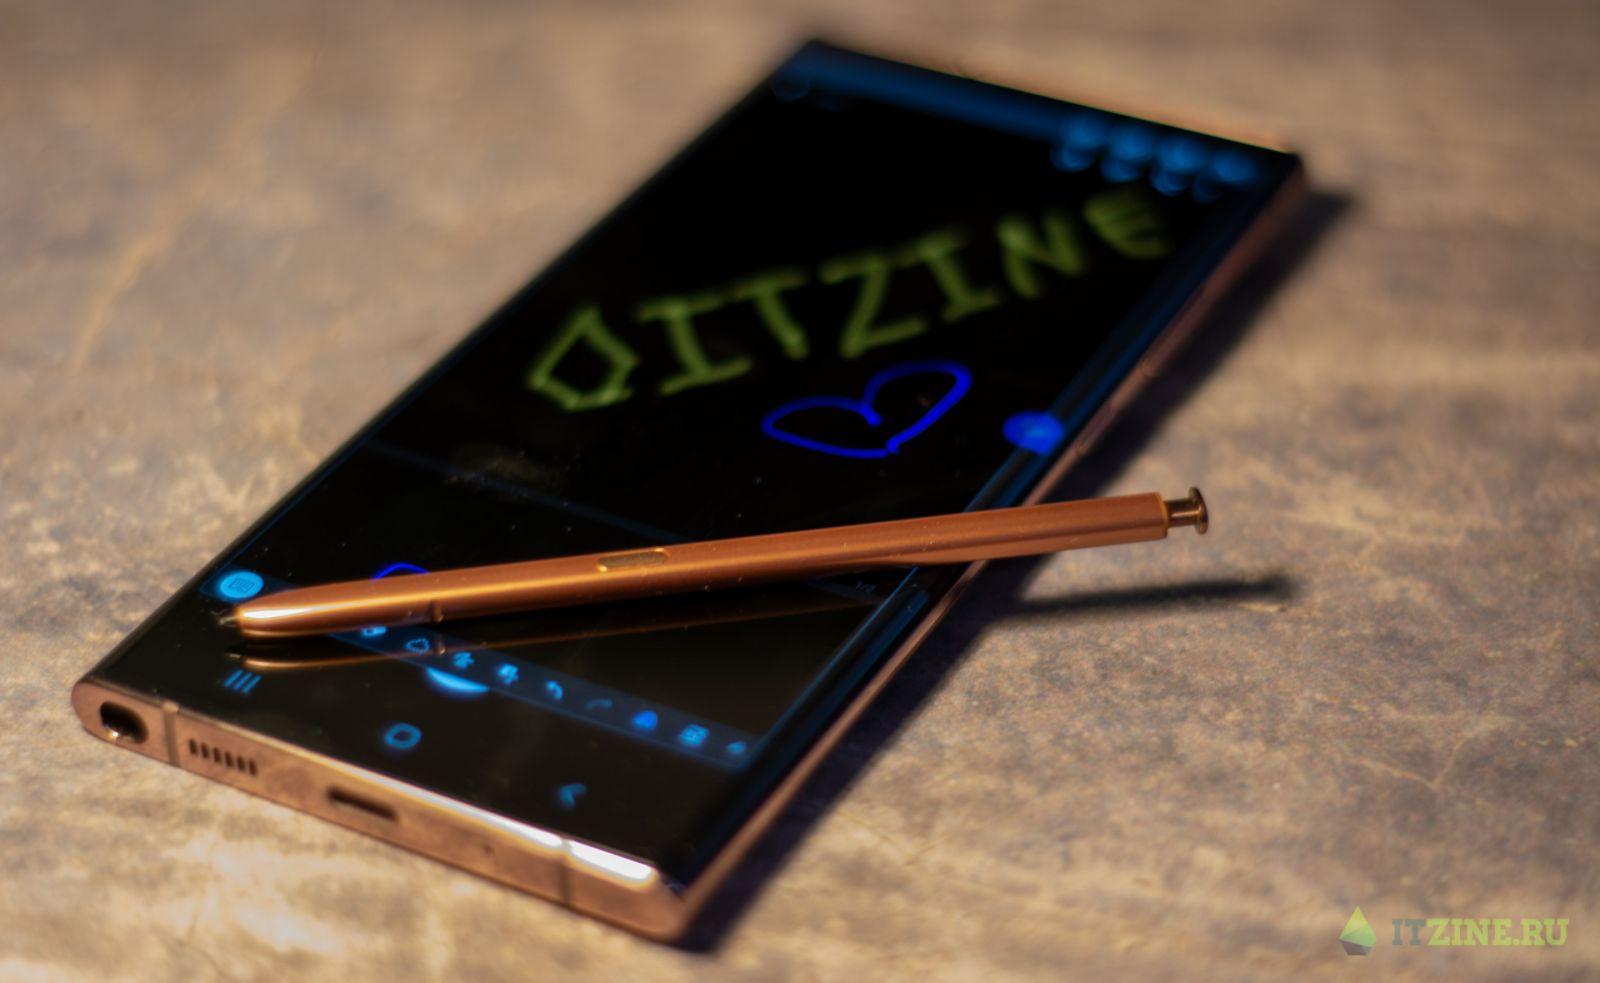 Обзор Samsung Galaxy Note20 Ultra: великолепие с нюансами (DSC 9493)